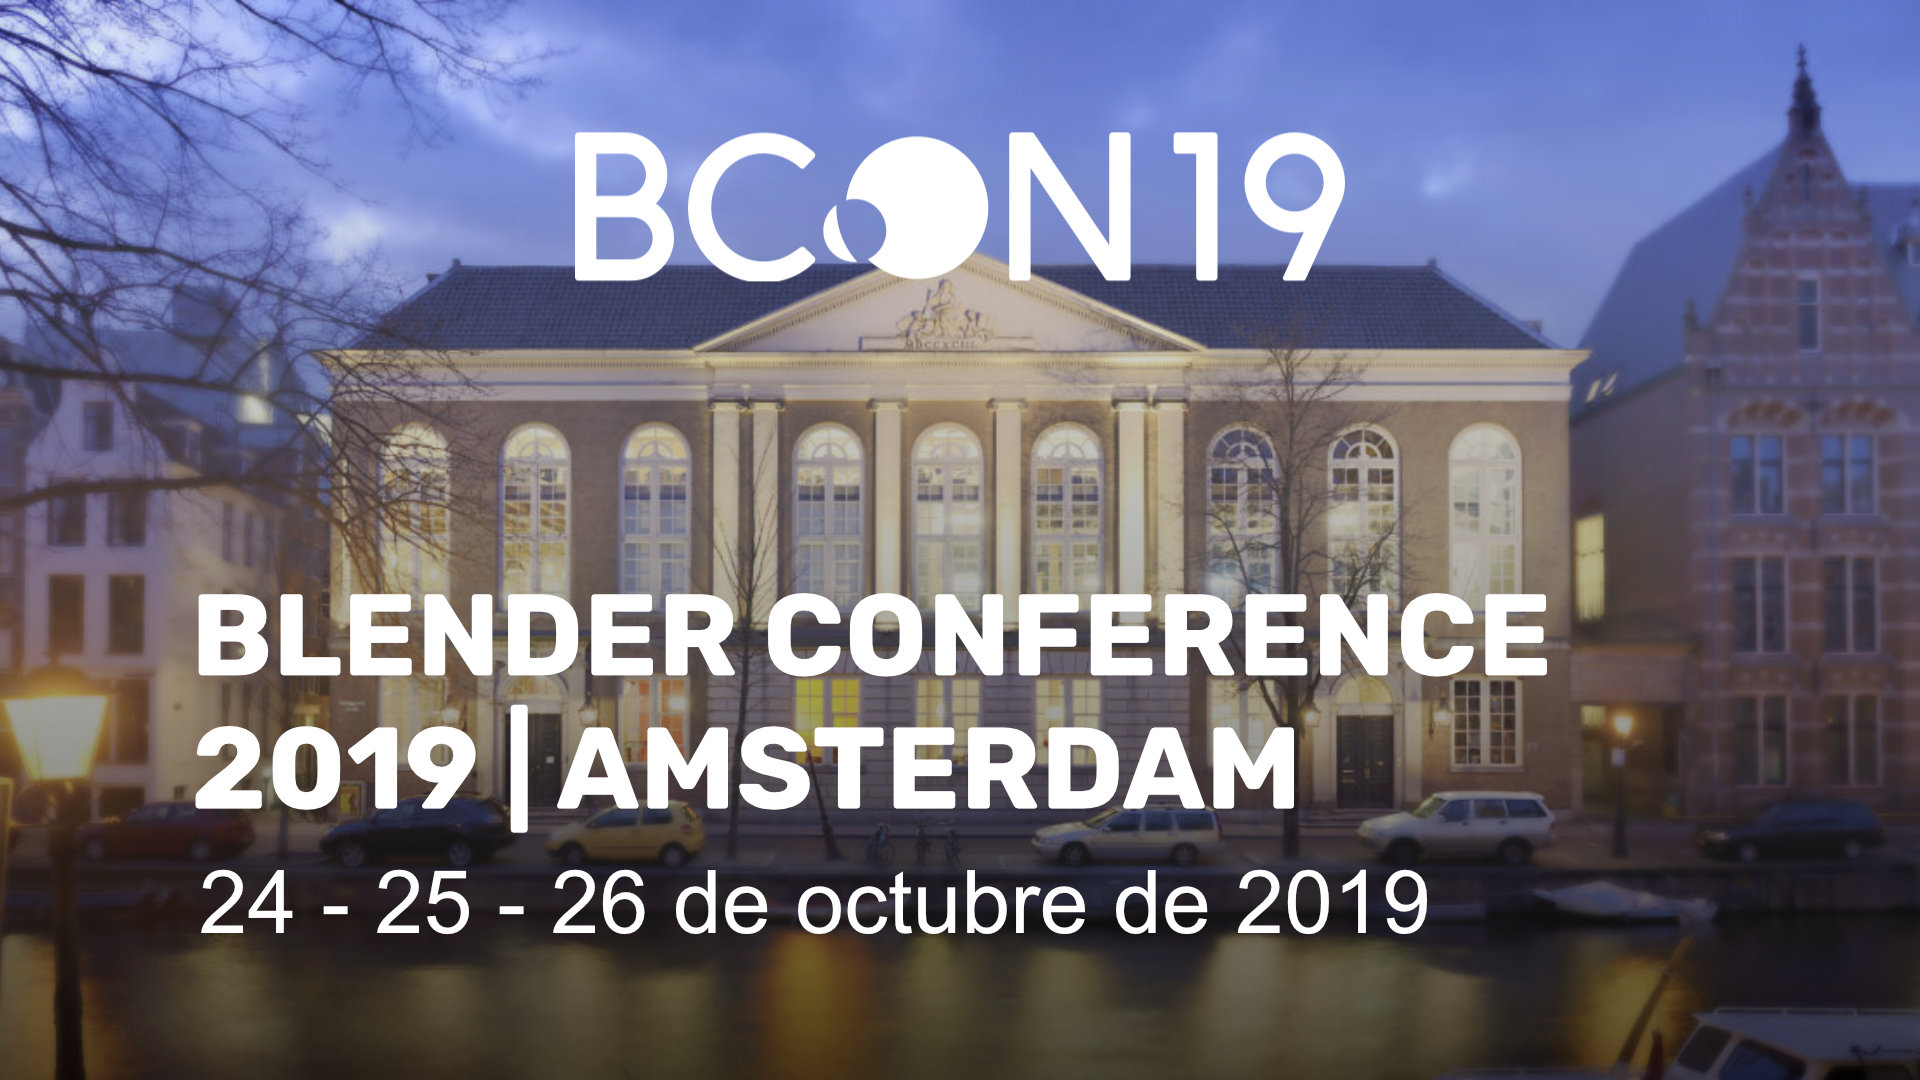 Blender Conference 2019